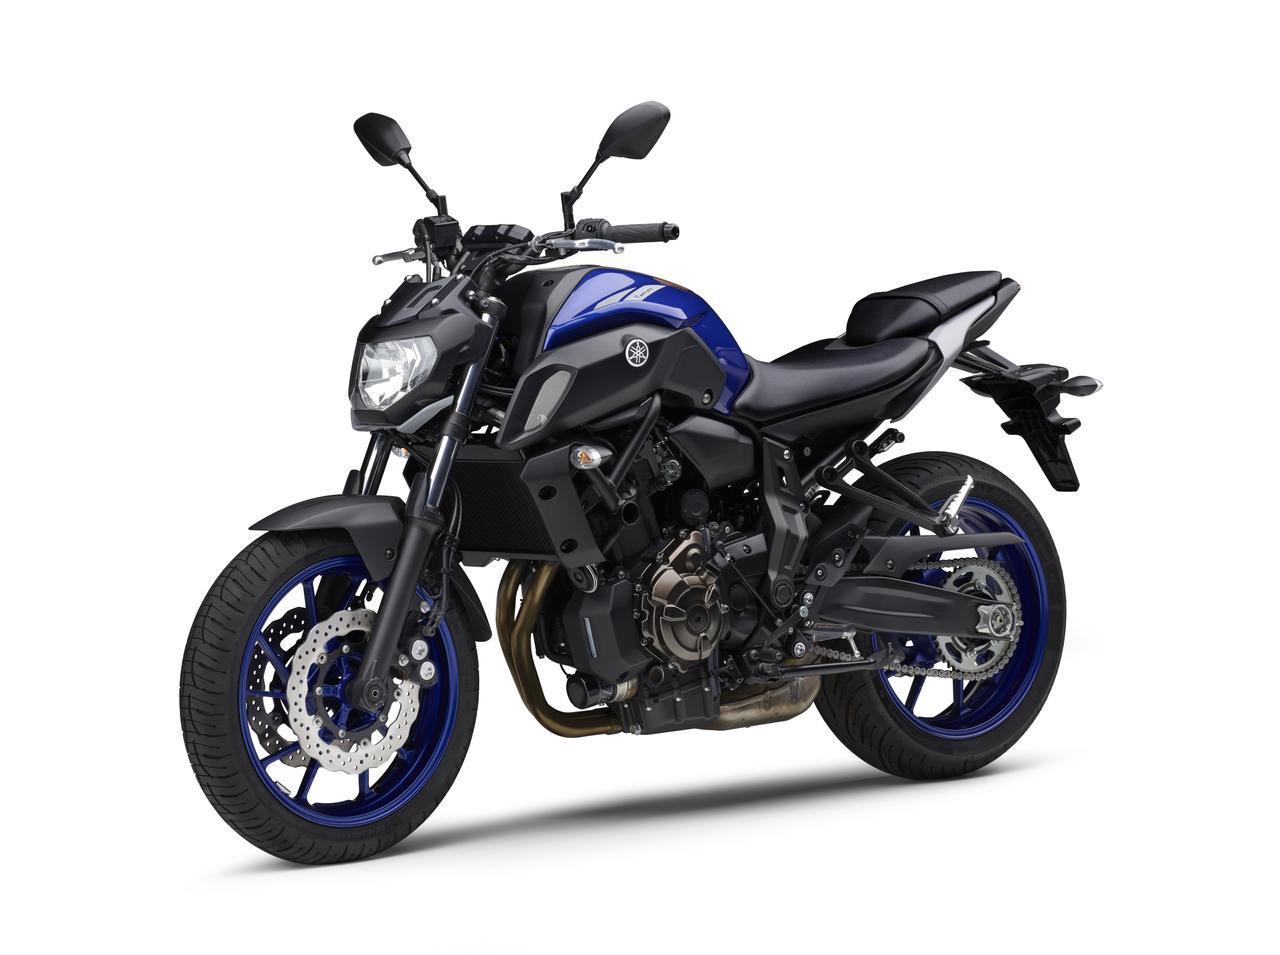 Images : 4番目の画像 - YAMAHA「MT-07 ABS」2020年モデルの写真 - webオートバイ